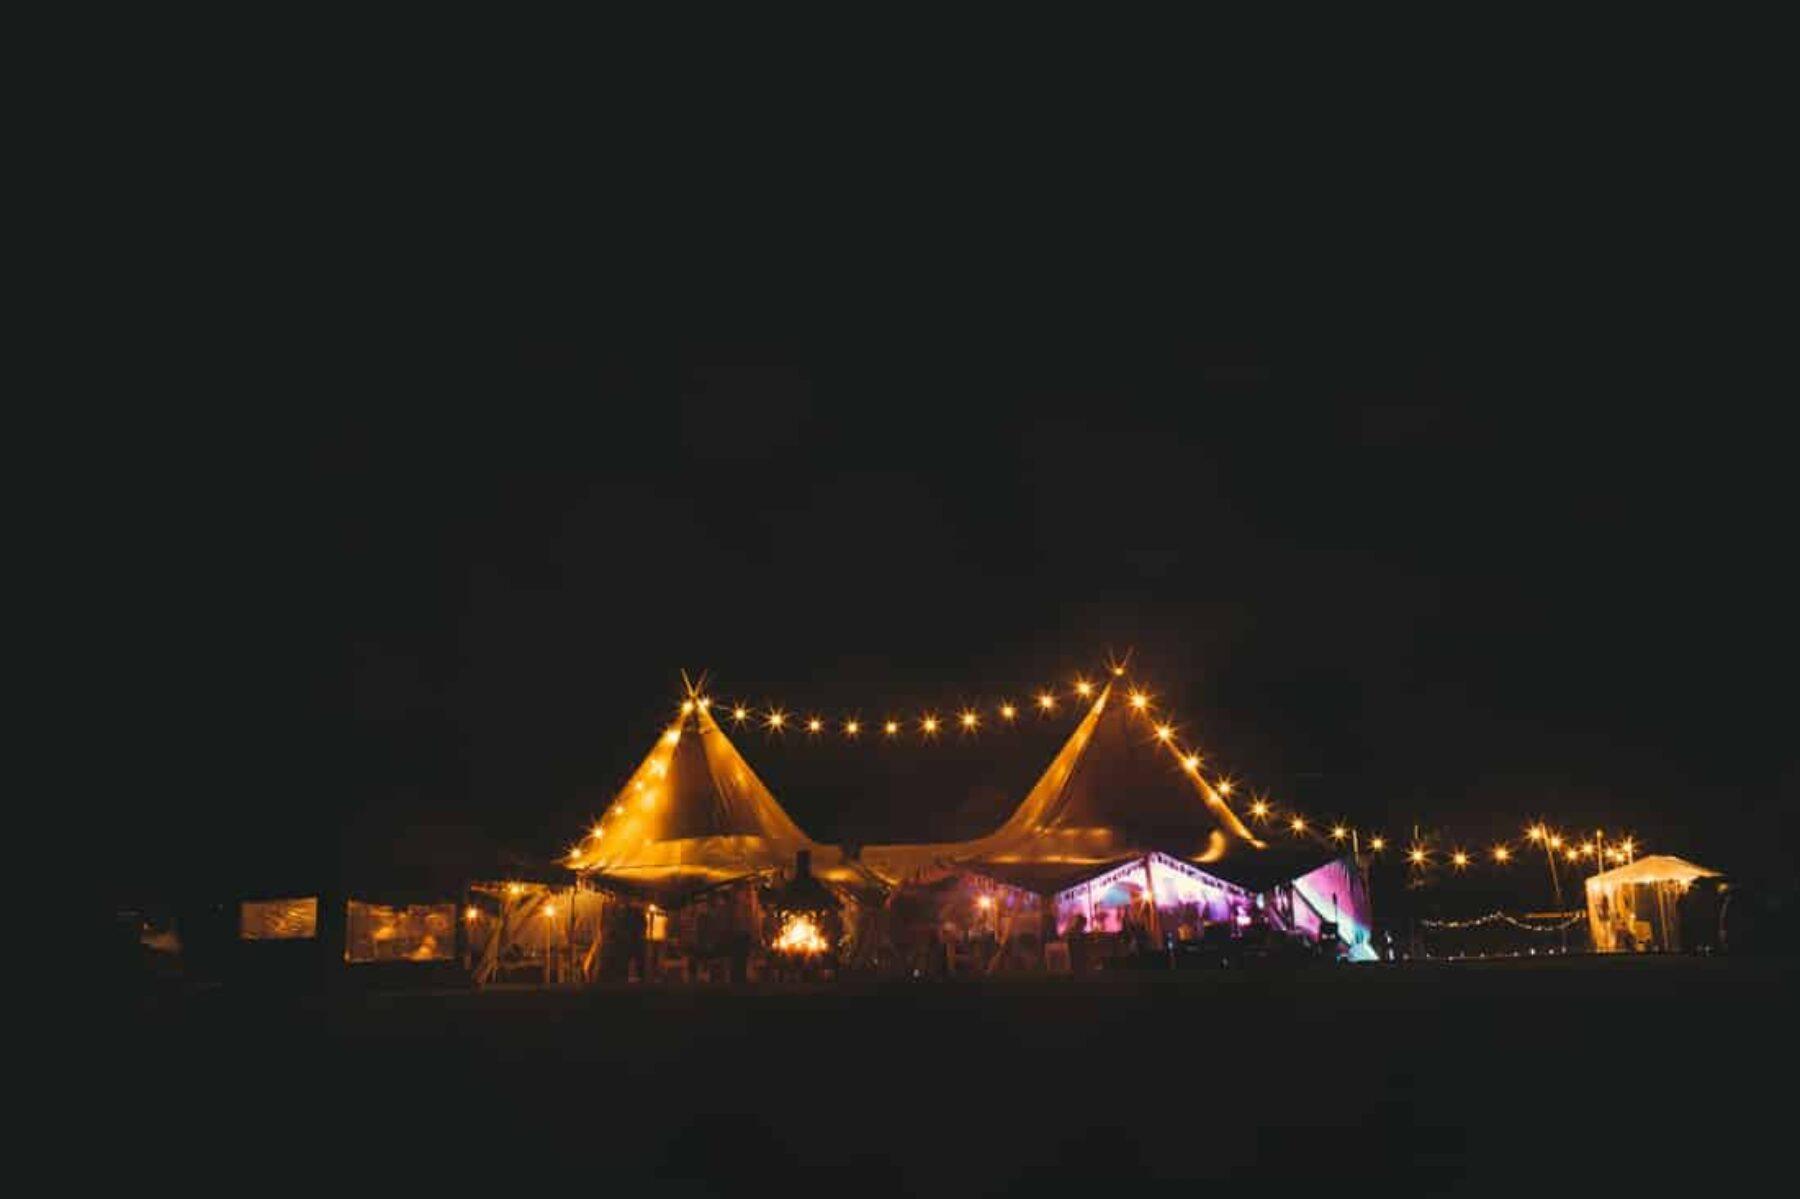 boho festival tipi wedding